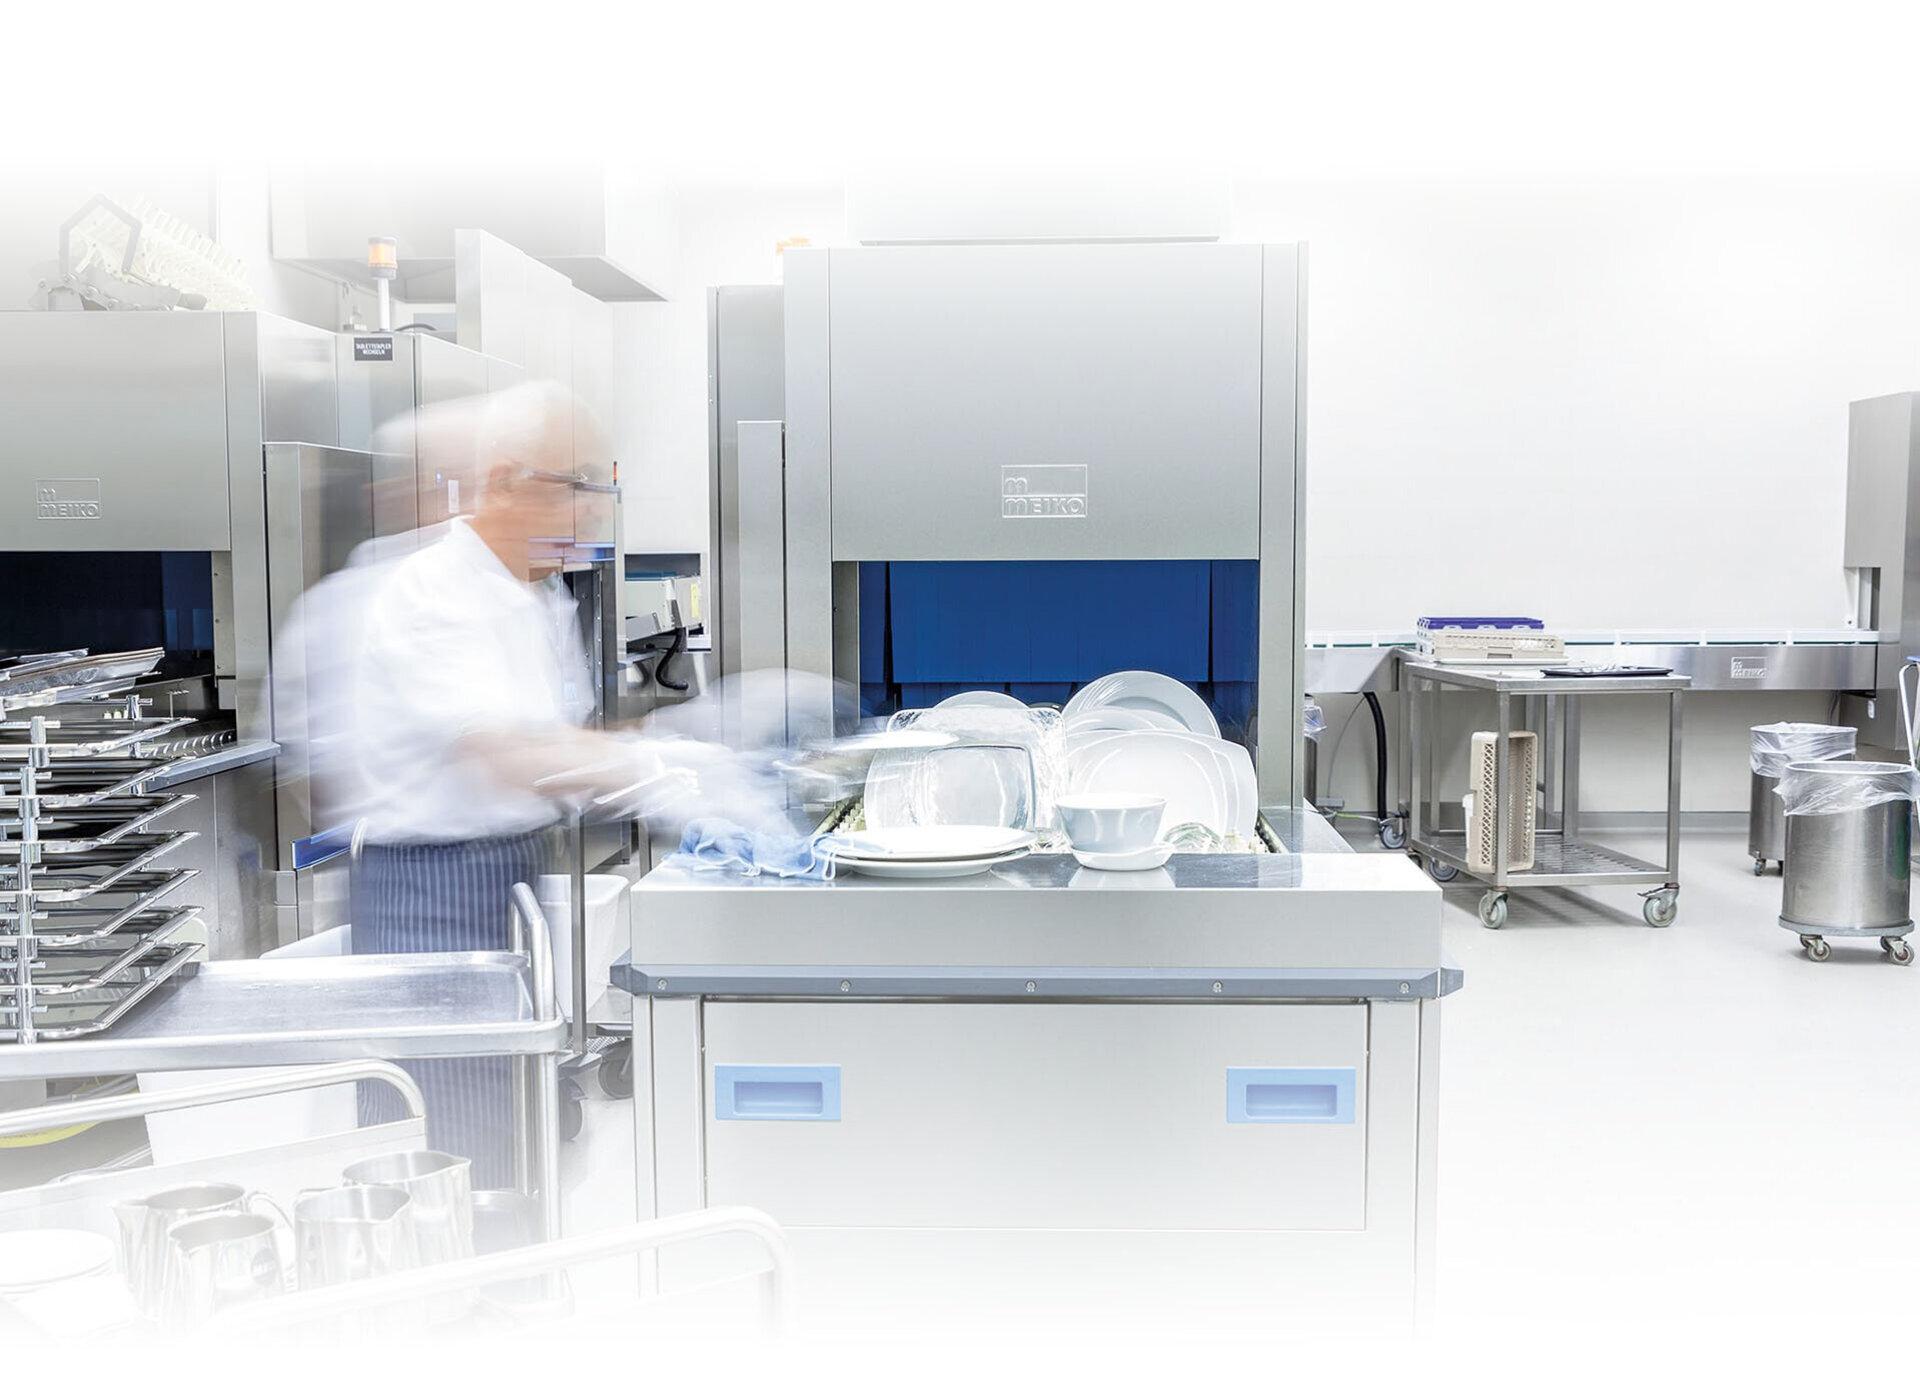 Fabuleux Lave vaisselle industriel à convoyeur M-iQ - MEIKO IZ42